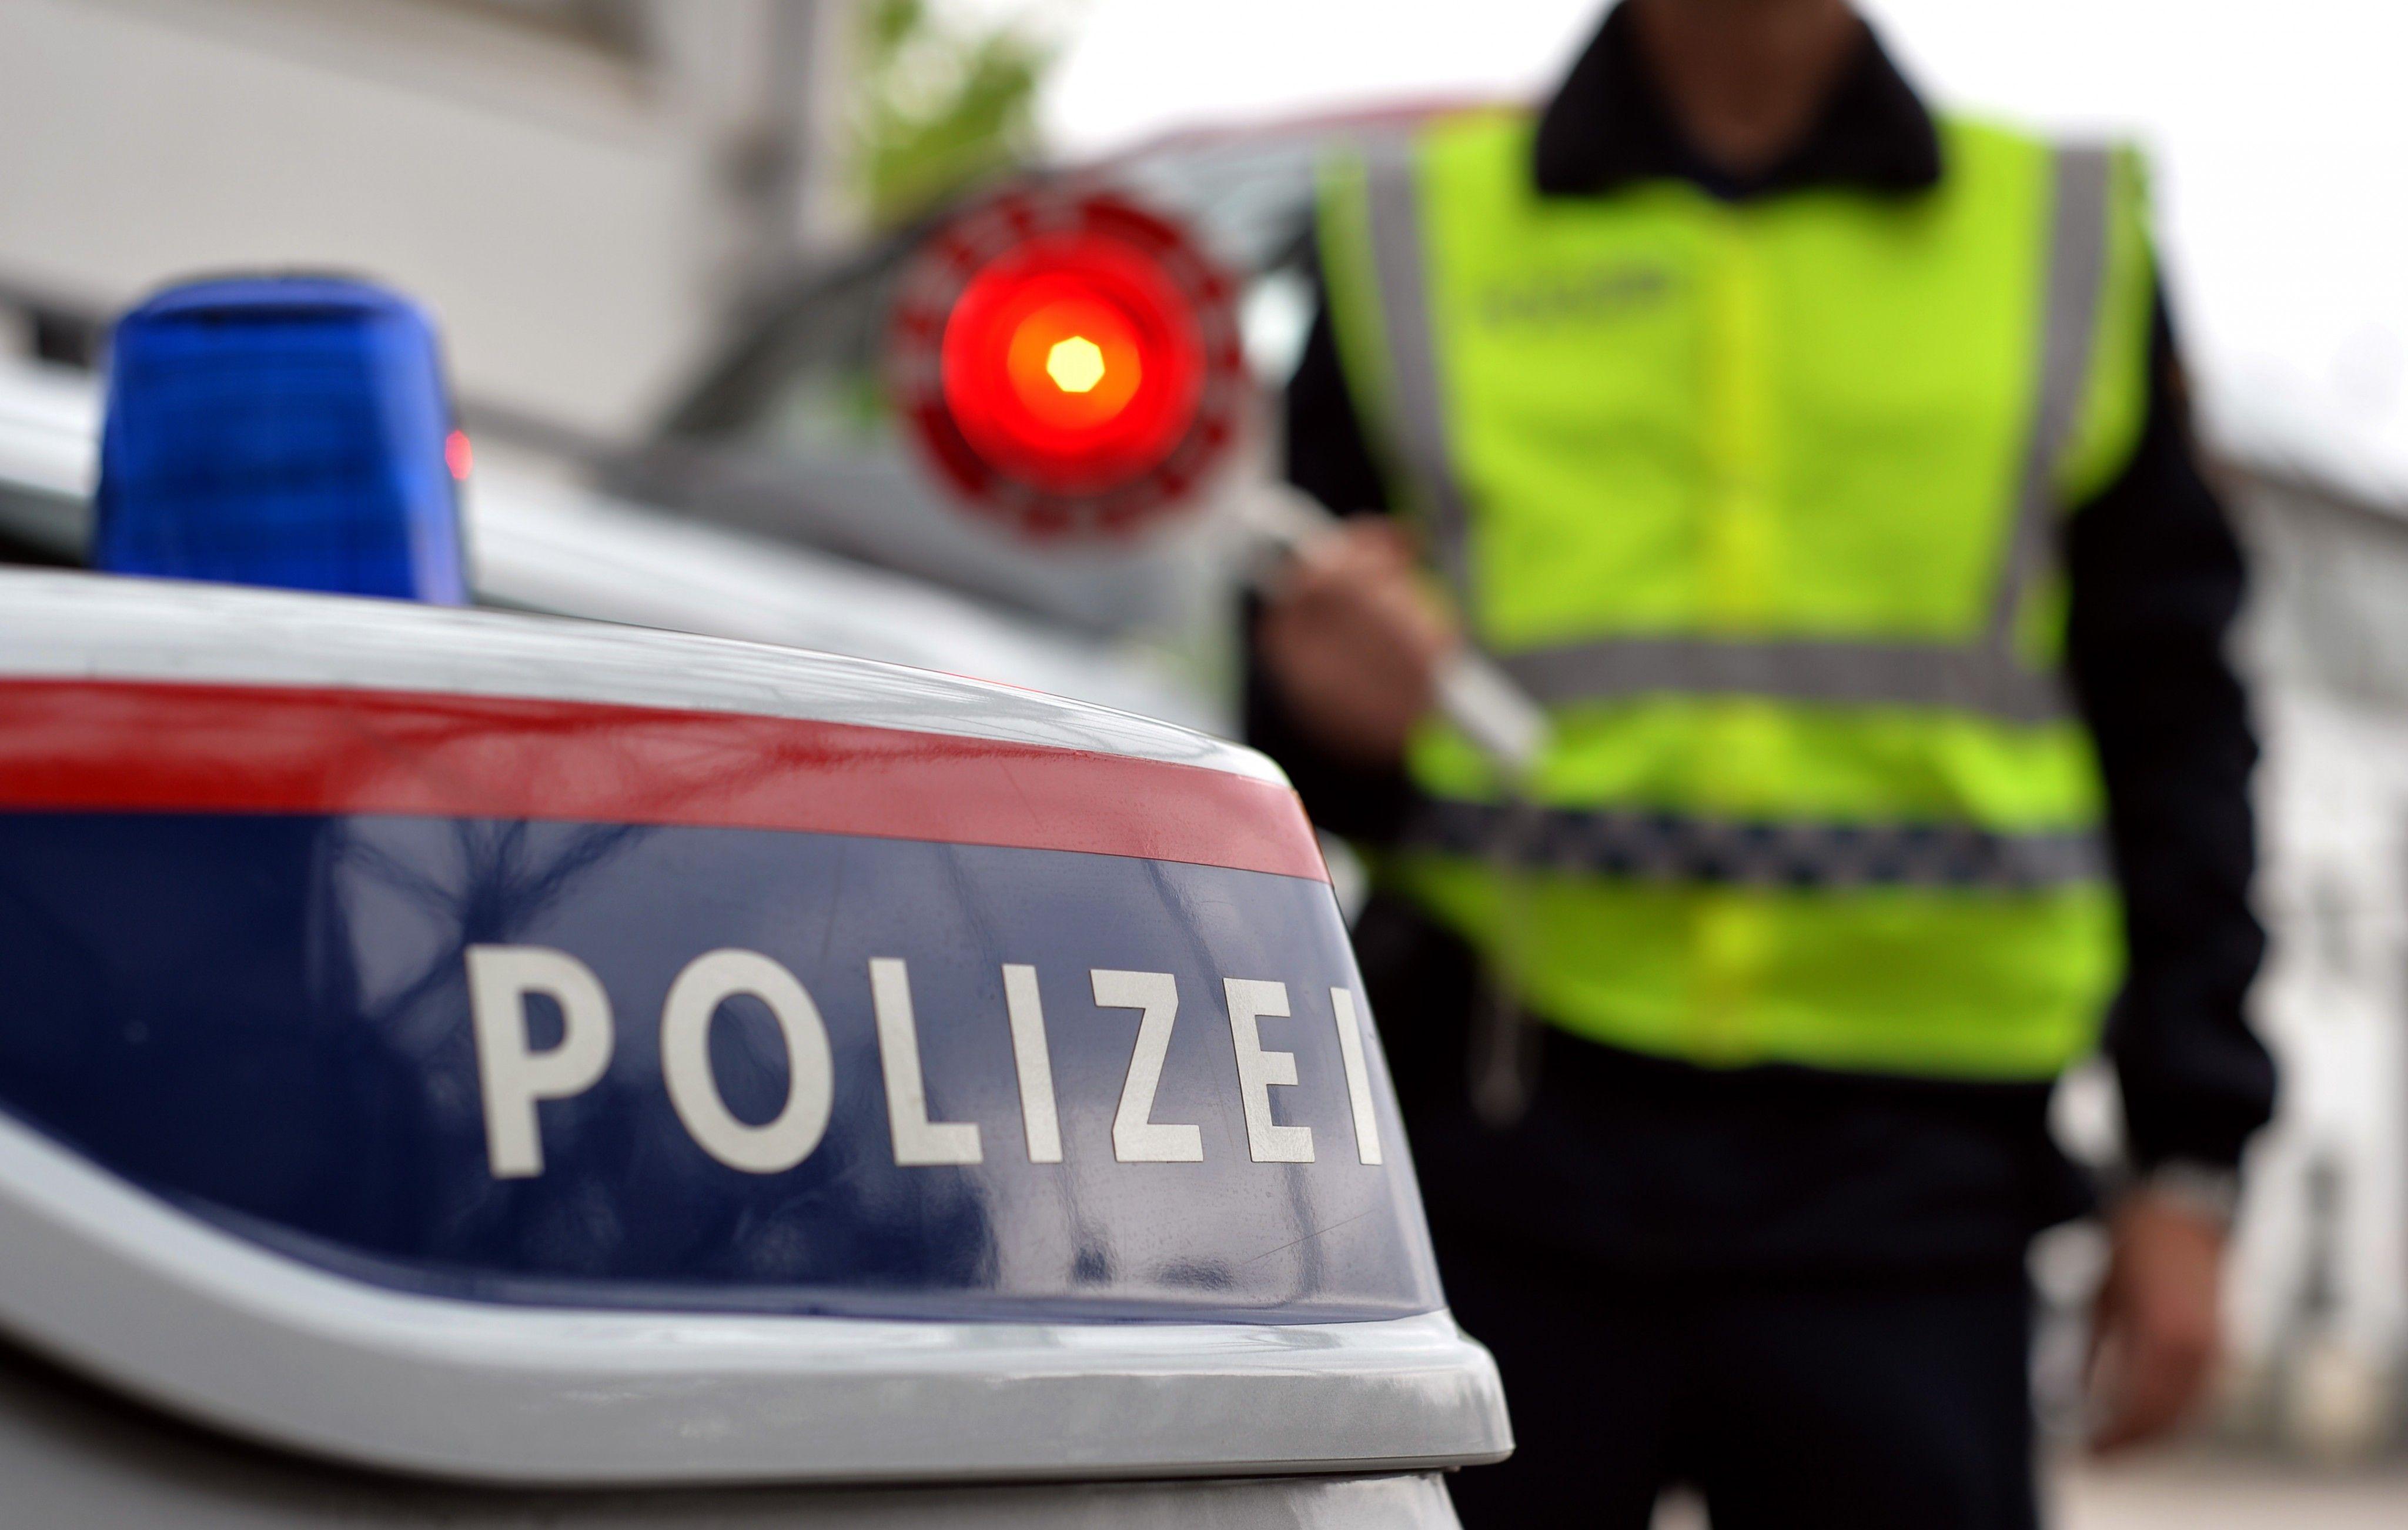 Vorarlberg: Schlauch verloren - Zeugen gesucht